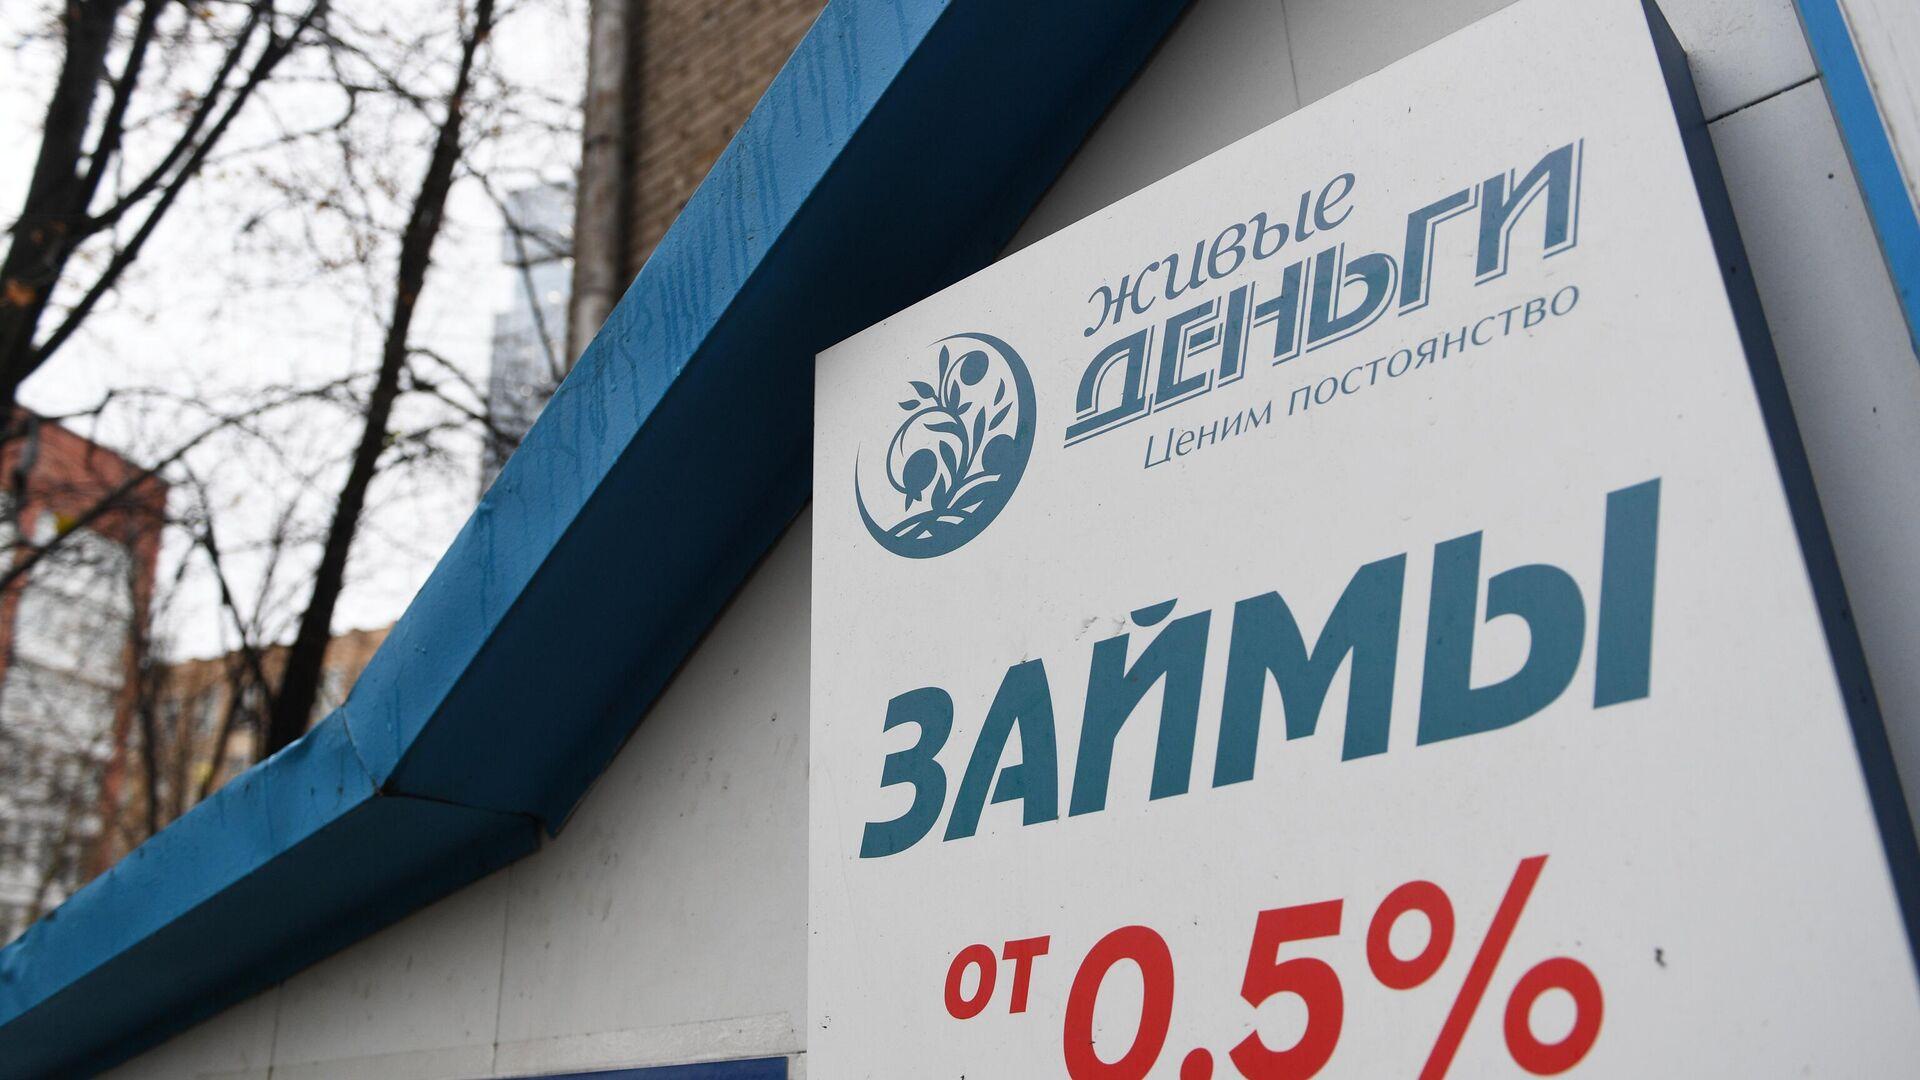 Вывеска о быстрых займах на улице Москвы - РИА Новости, 1920, 06.04.2021